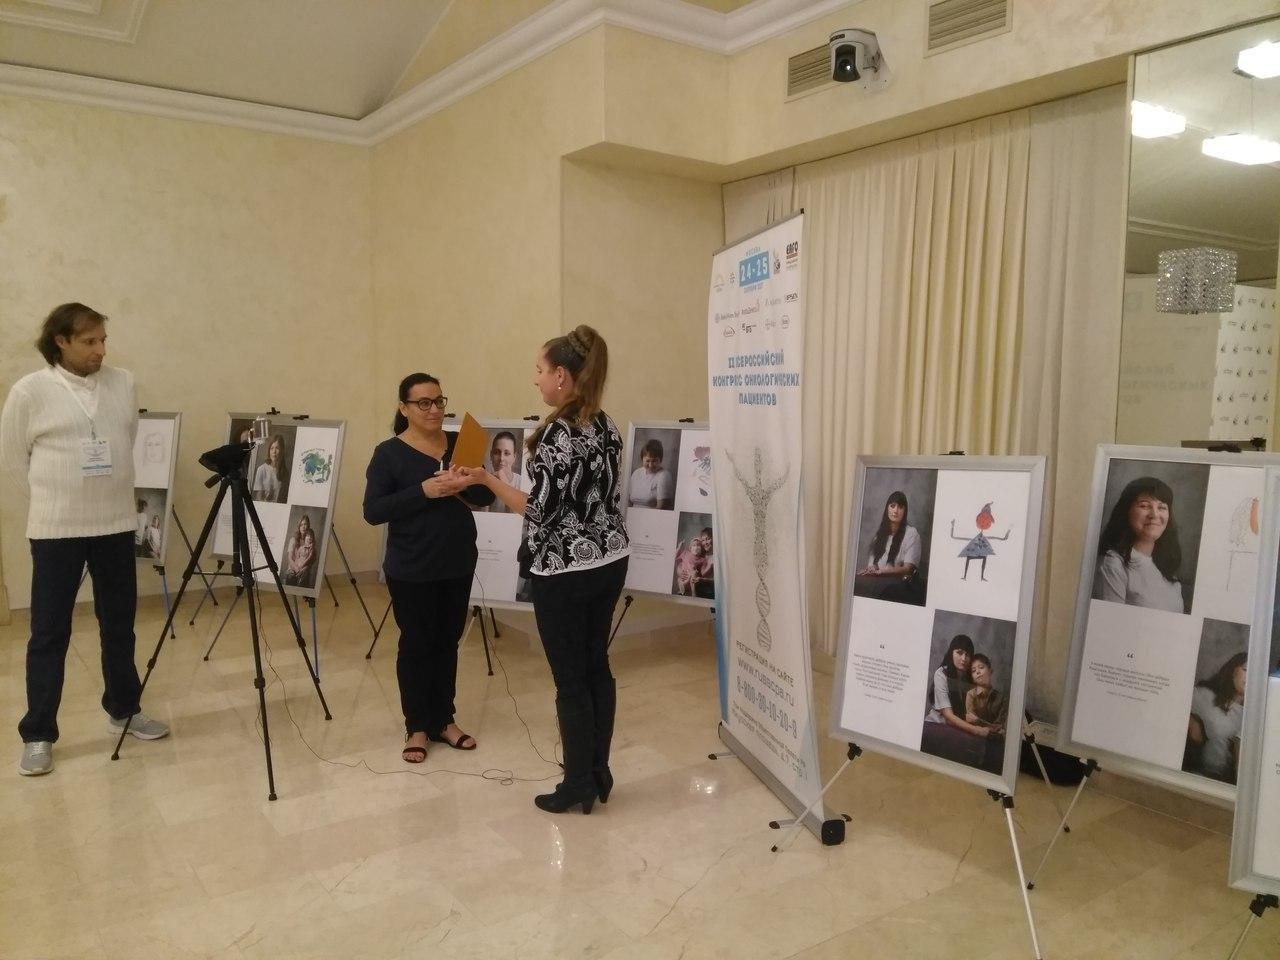 В Общественную палату РФ привезли выставку проекта «Моя мама самая красивая», фото-4